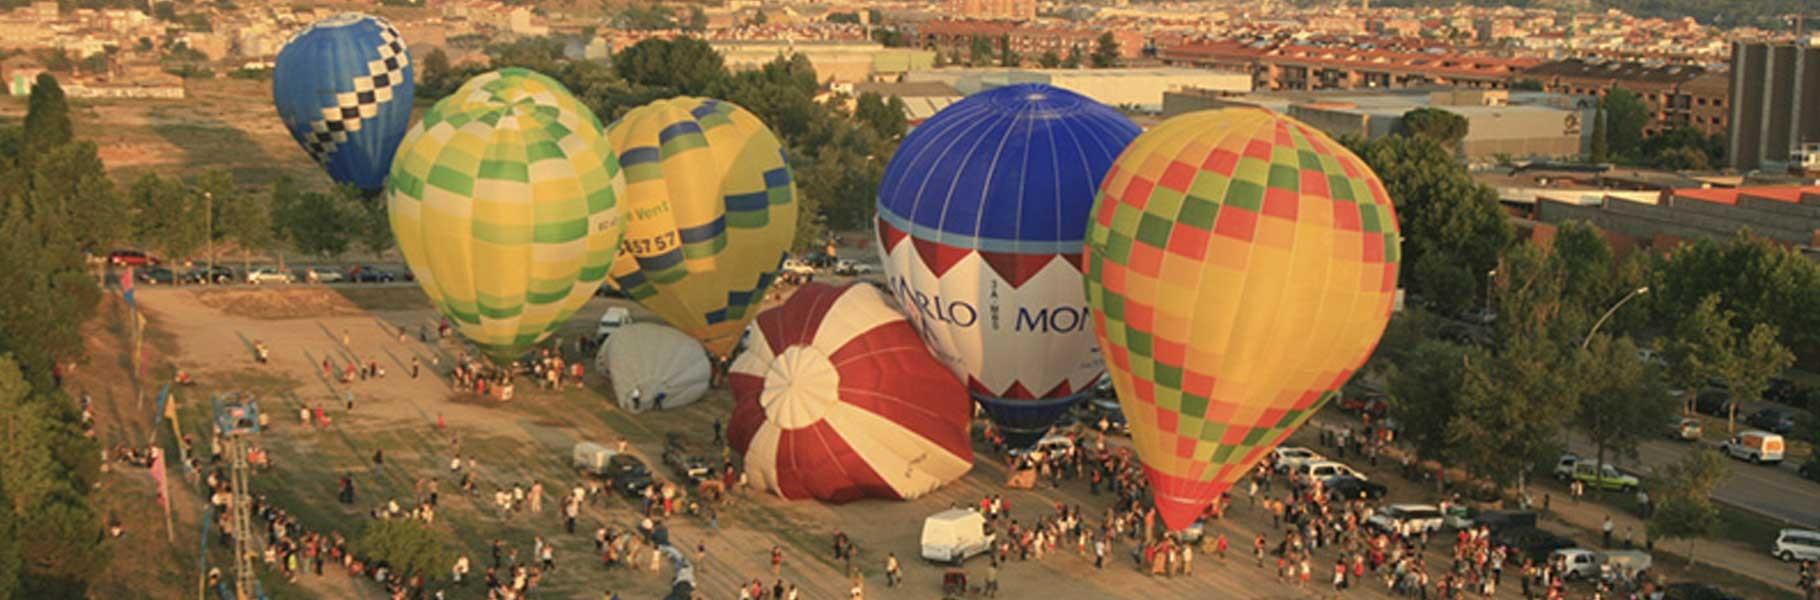 Especial European Balloon Festival